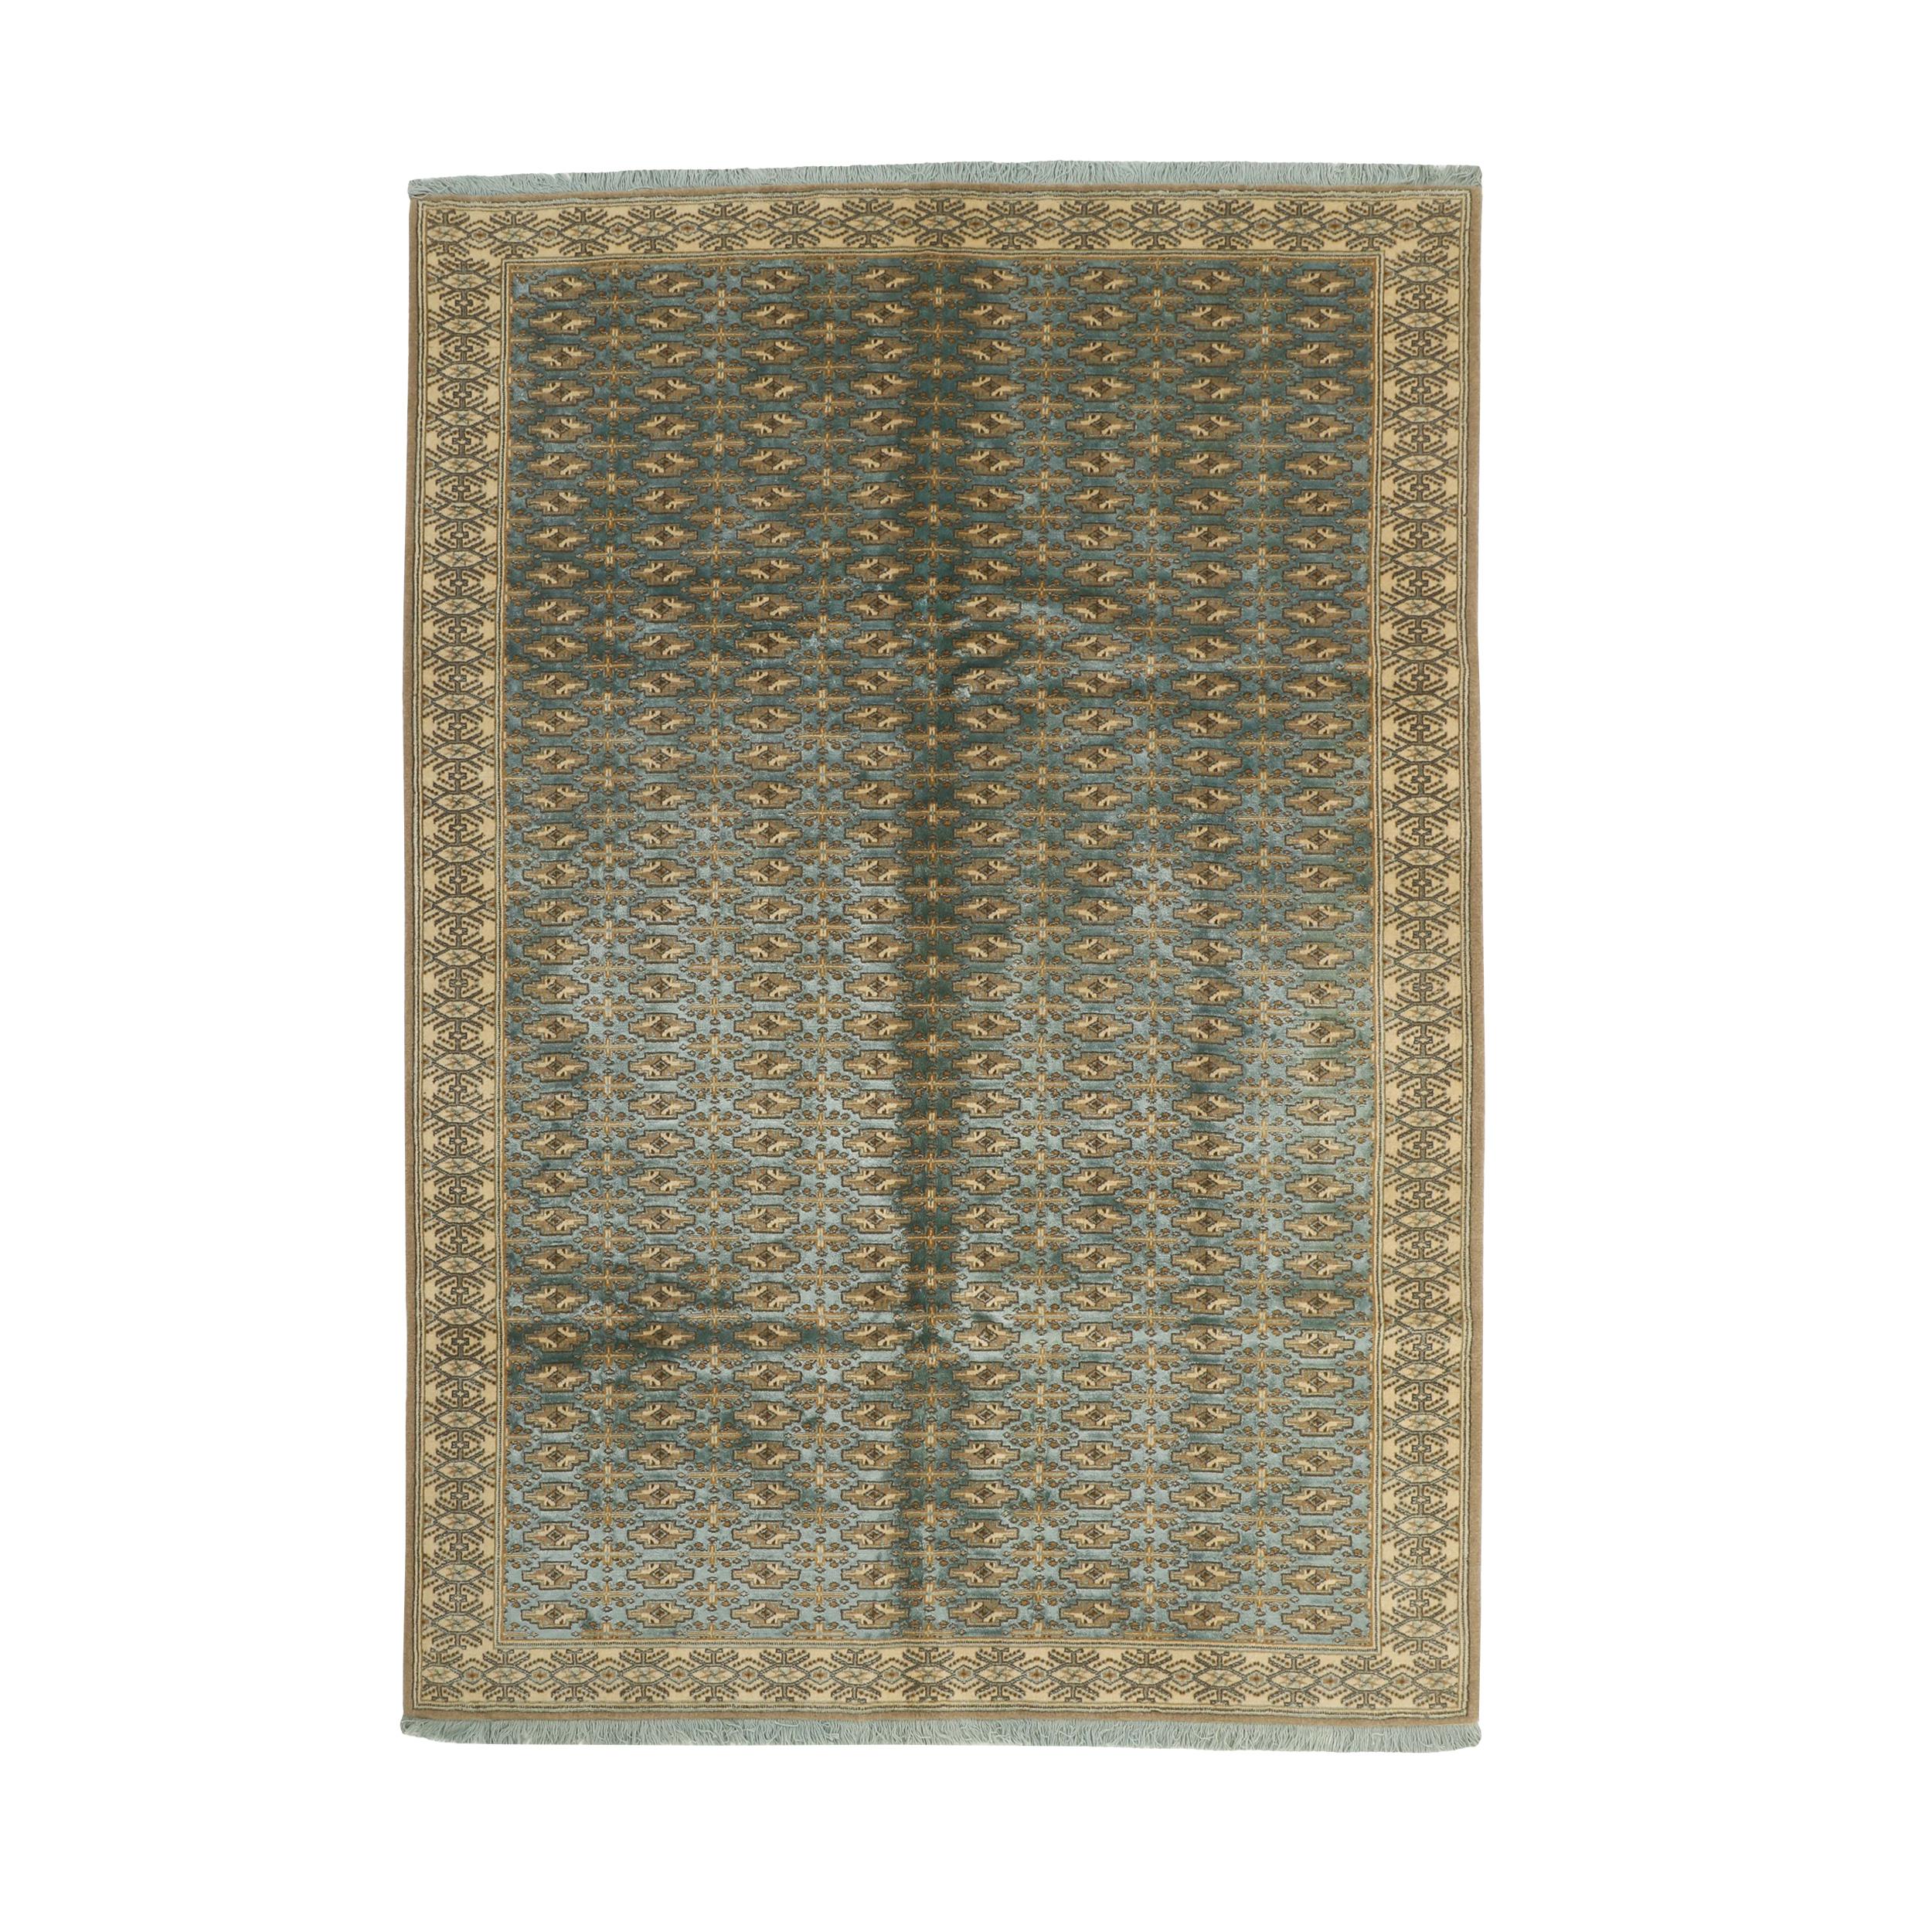 فرش نیمه دستبافت شش و نیم متری مدل گل ابریشم کد 542893